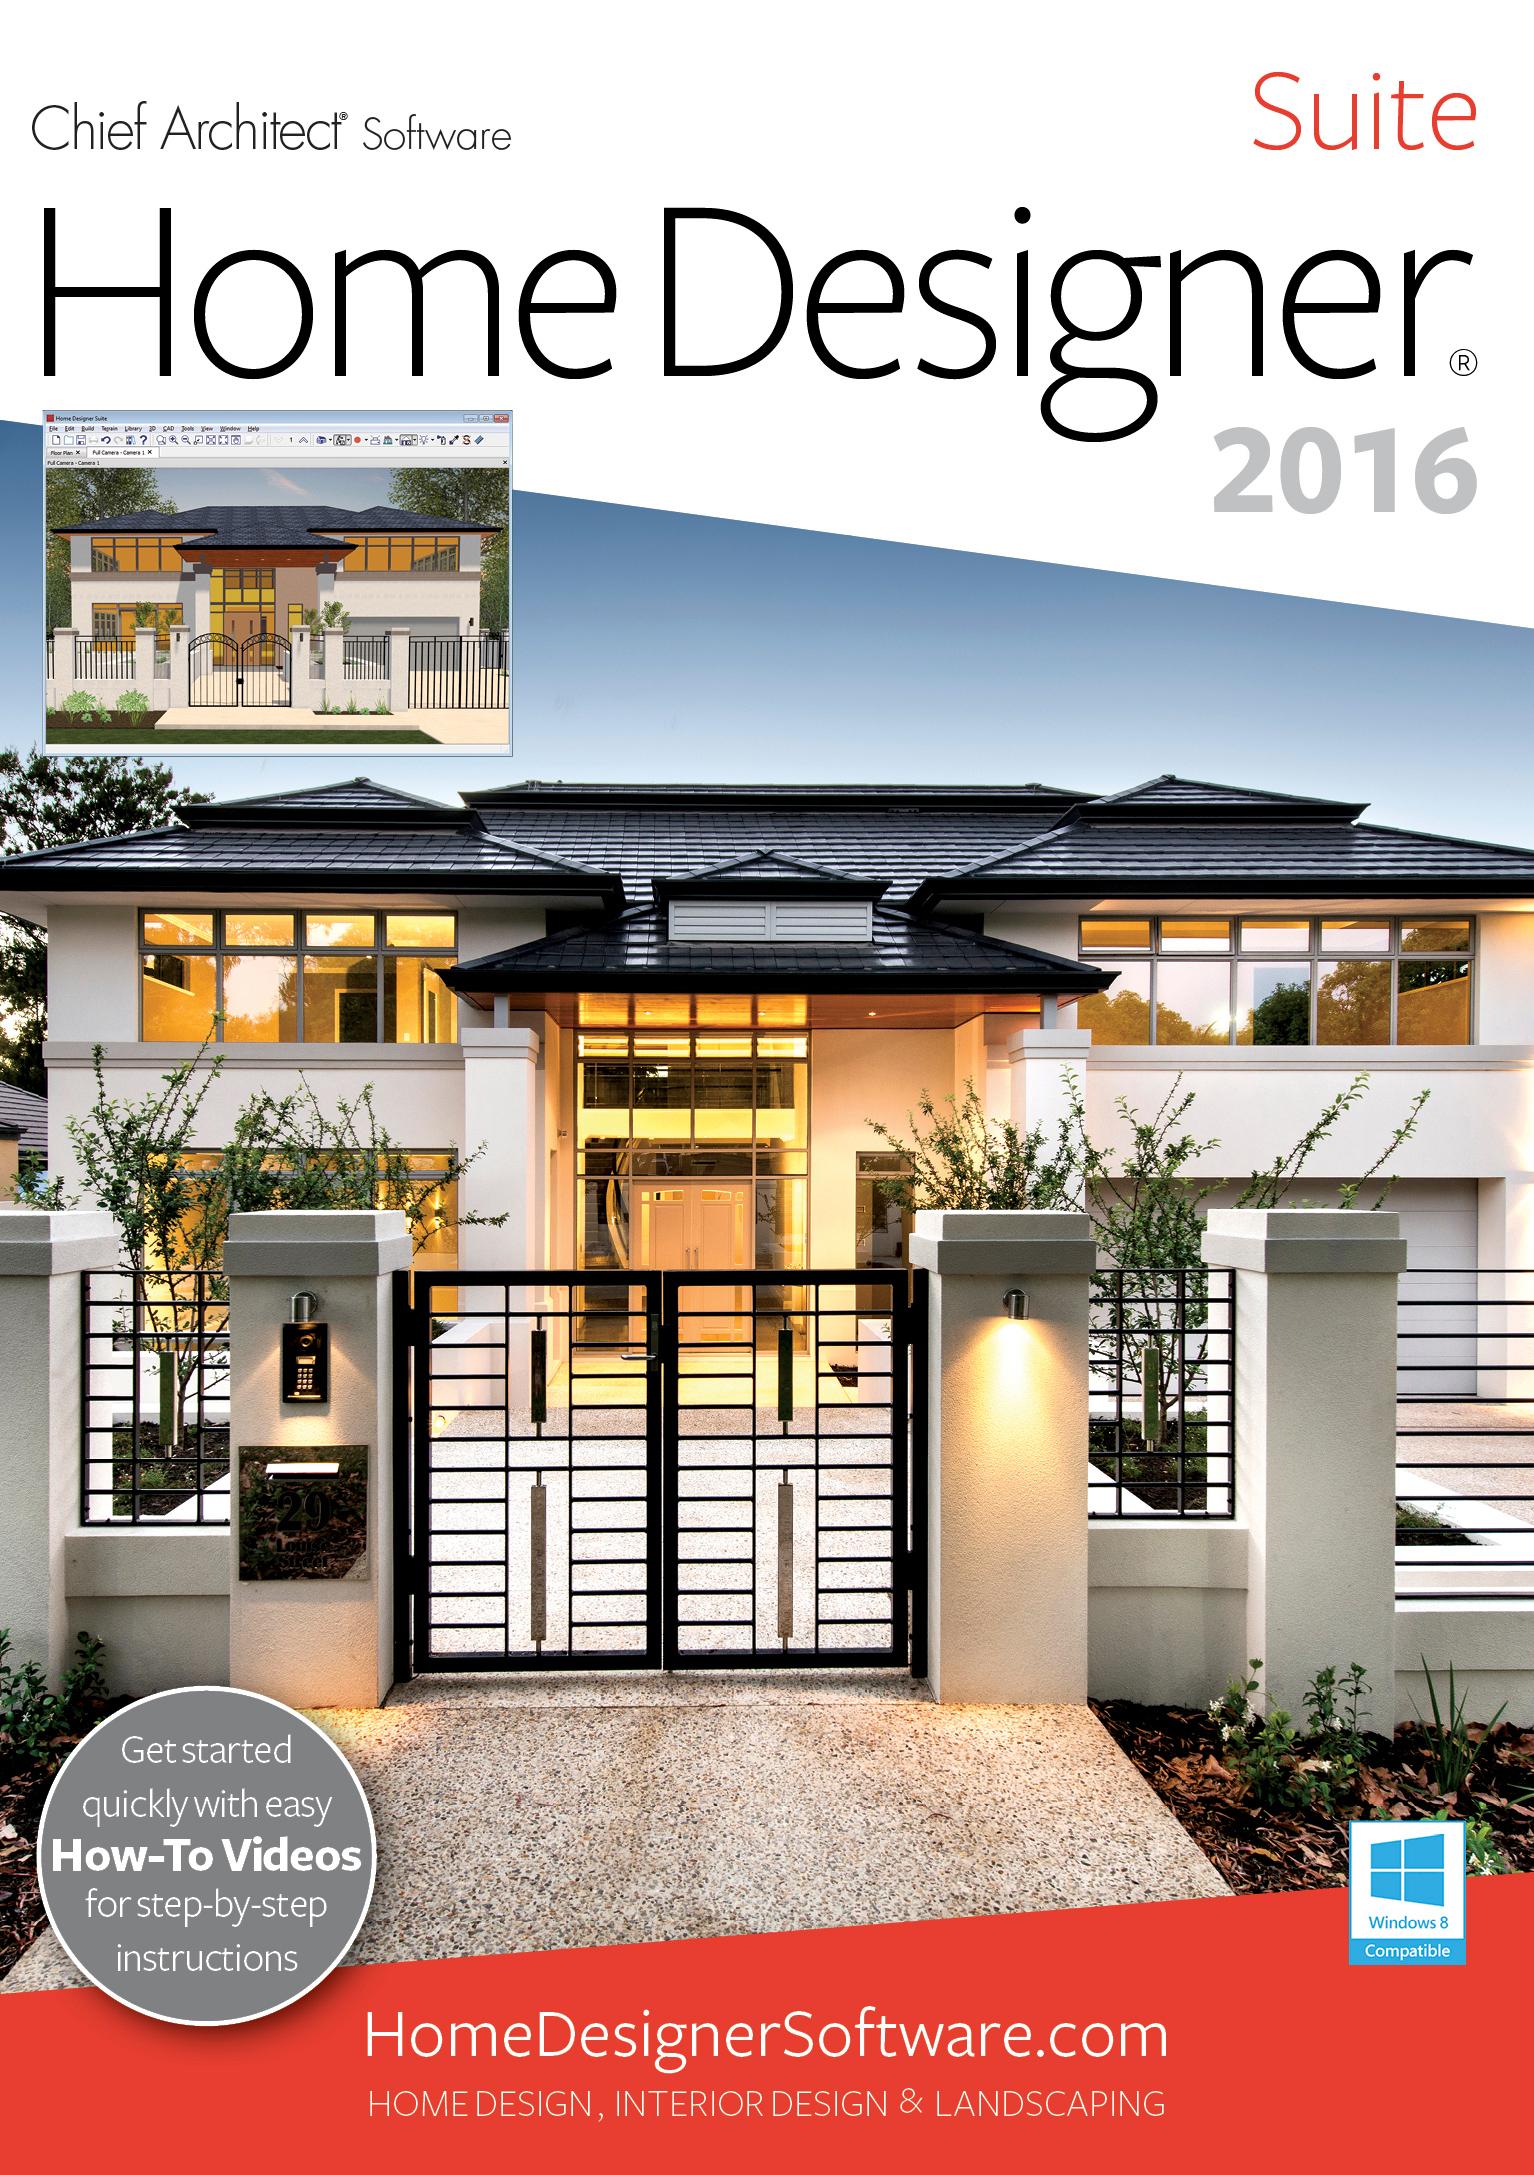 Home Designer Suite - 28 images - House Design Models Home ...